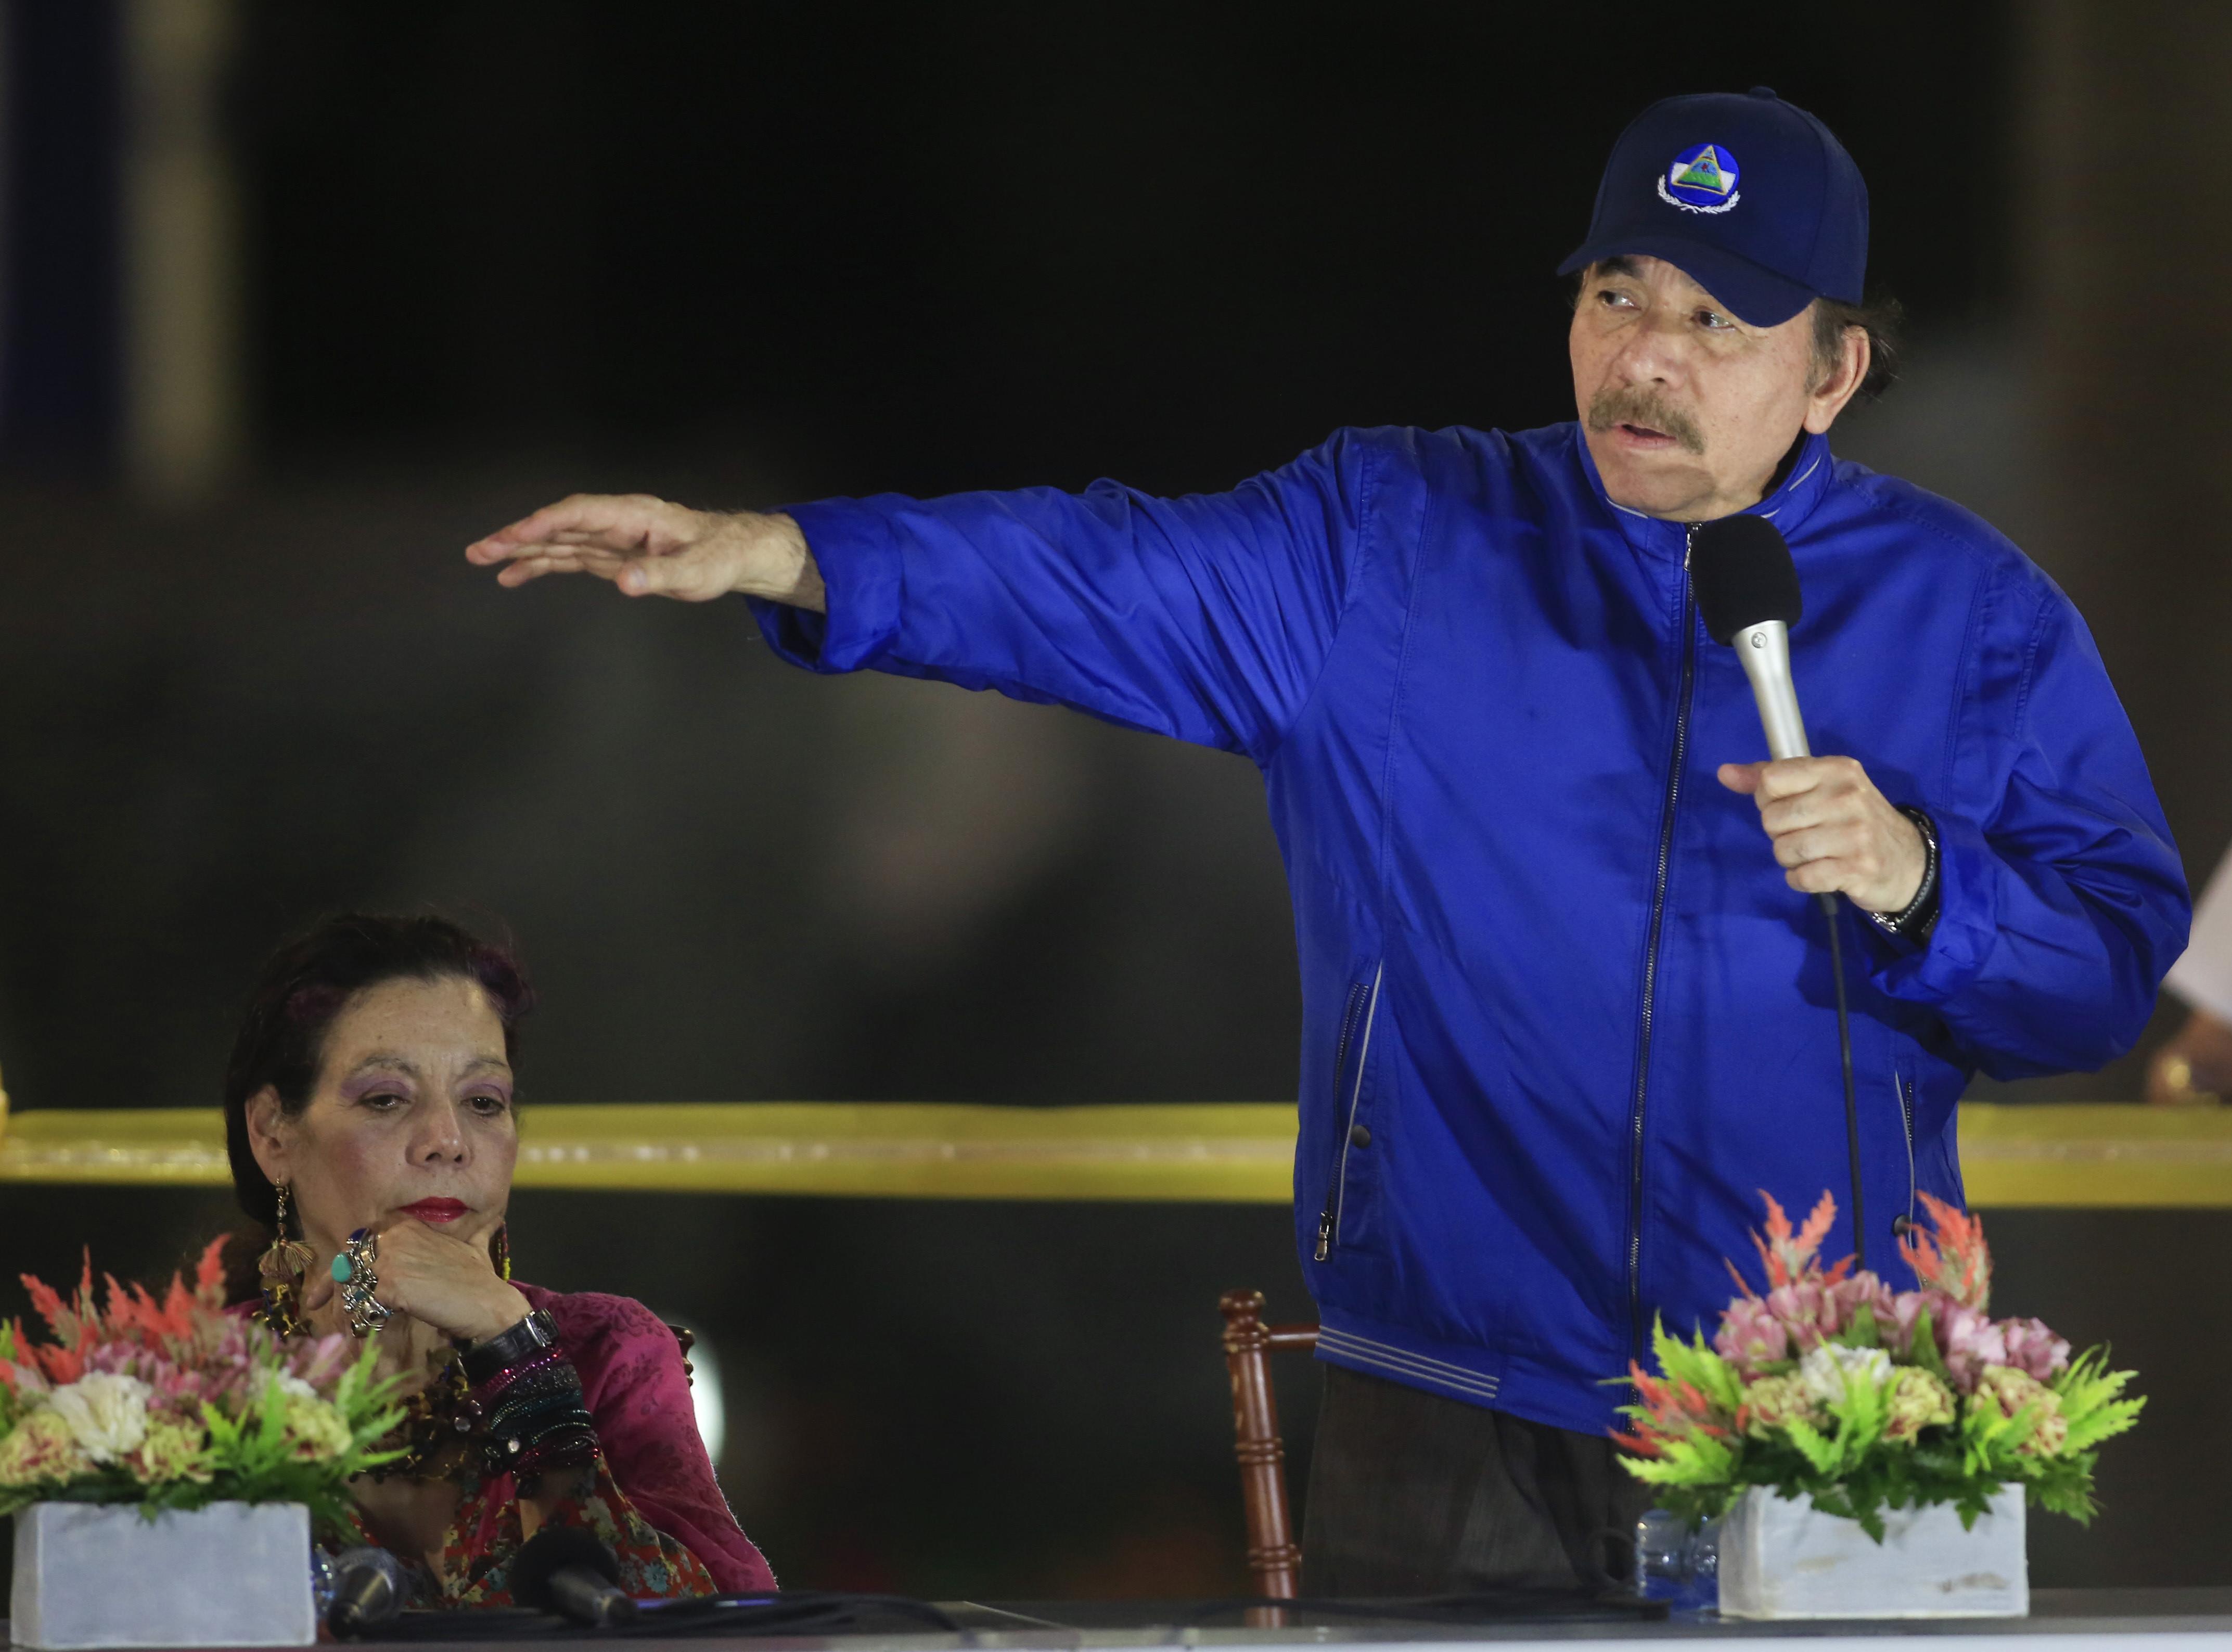 ▲▼尼加拉瓜總統奧蒂嘉被指控逮捕反對派陣營人士,只為謀求年底連任。(圖/達志影像/美聯社)